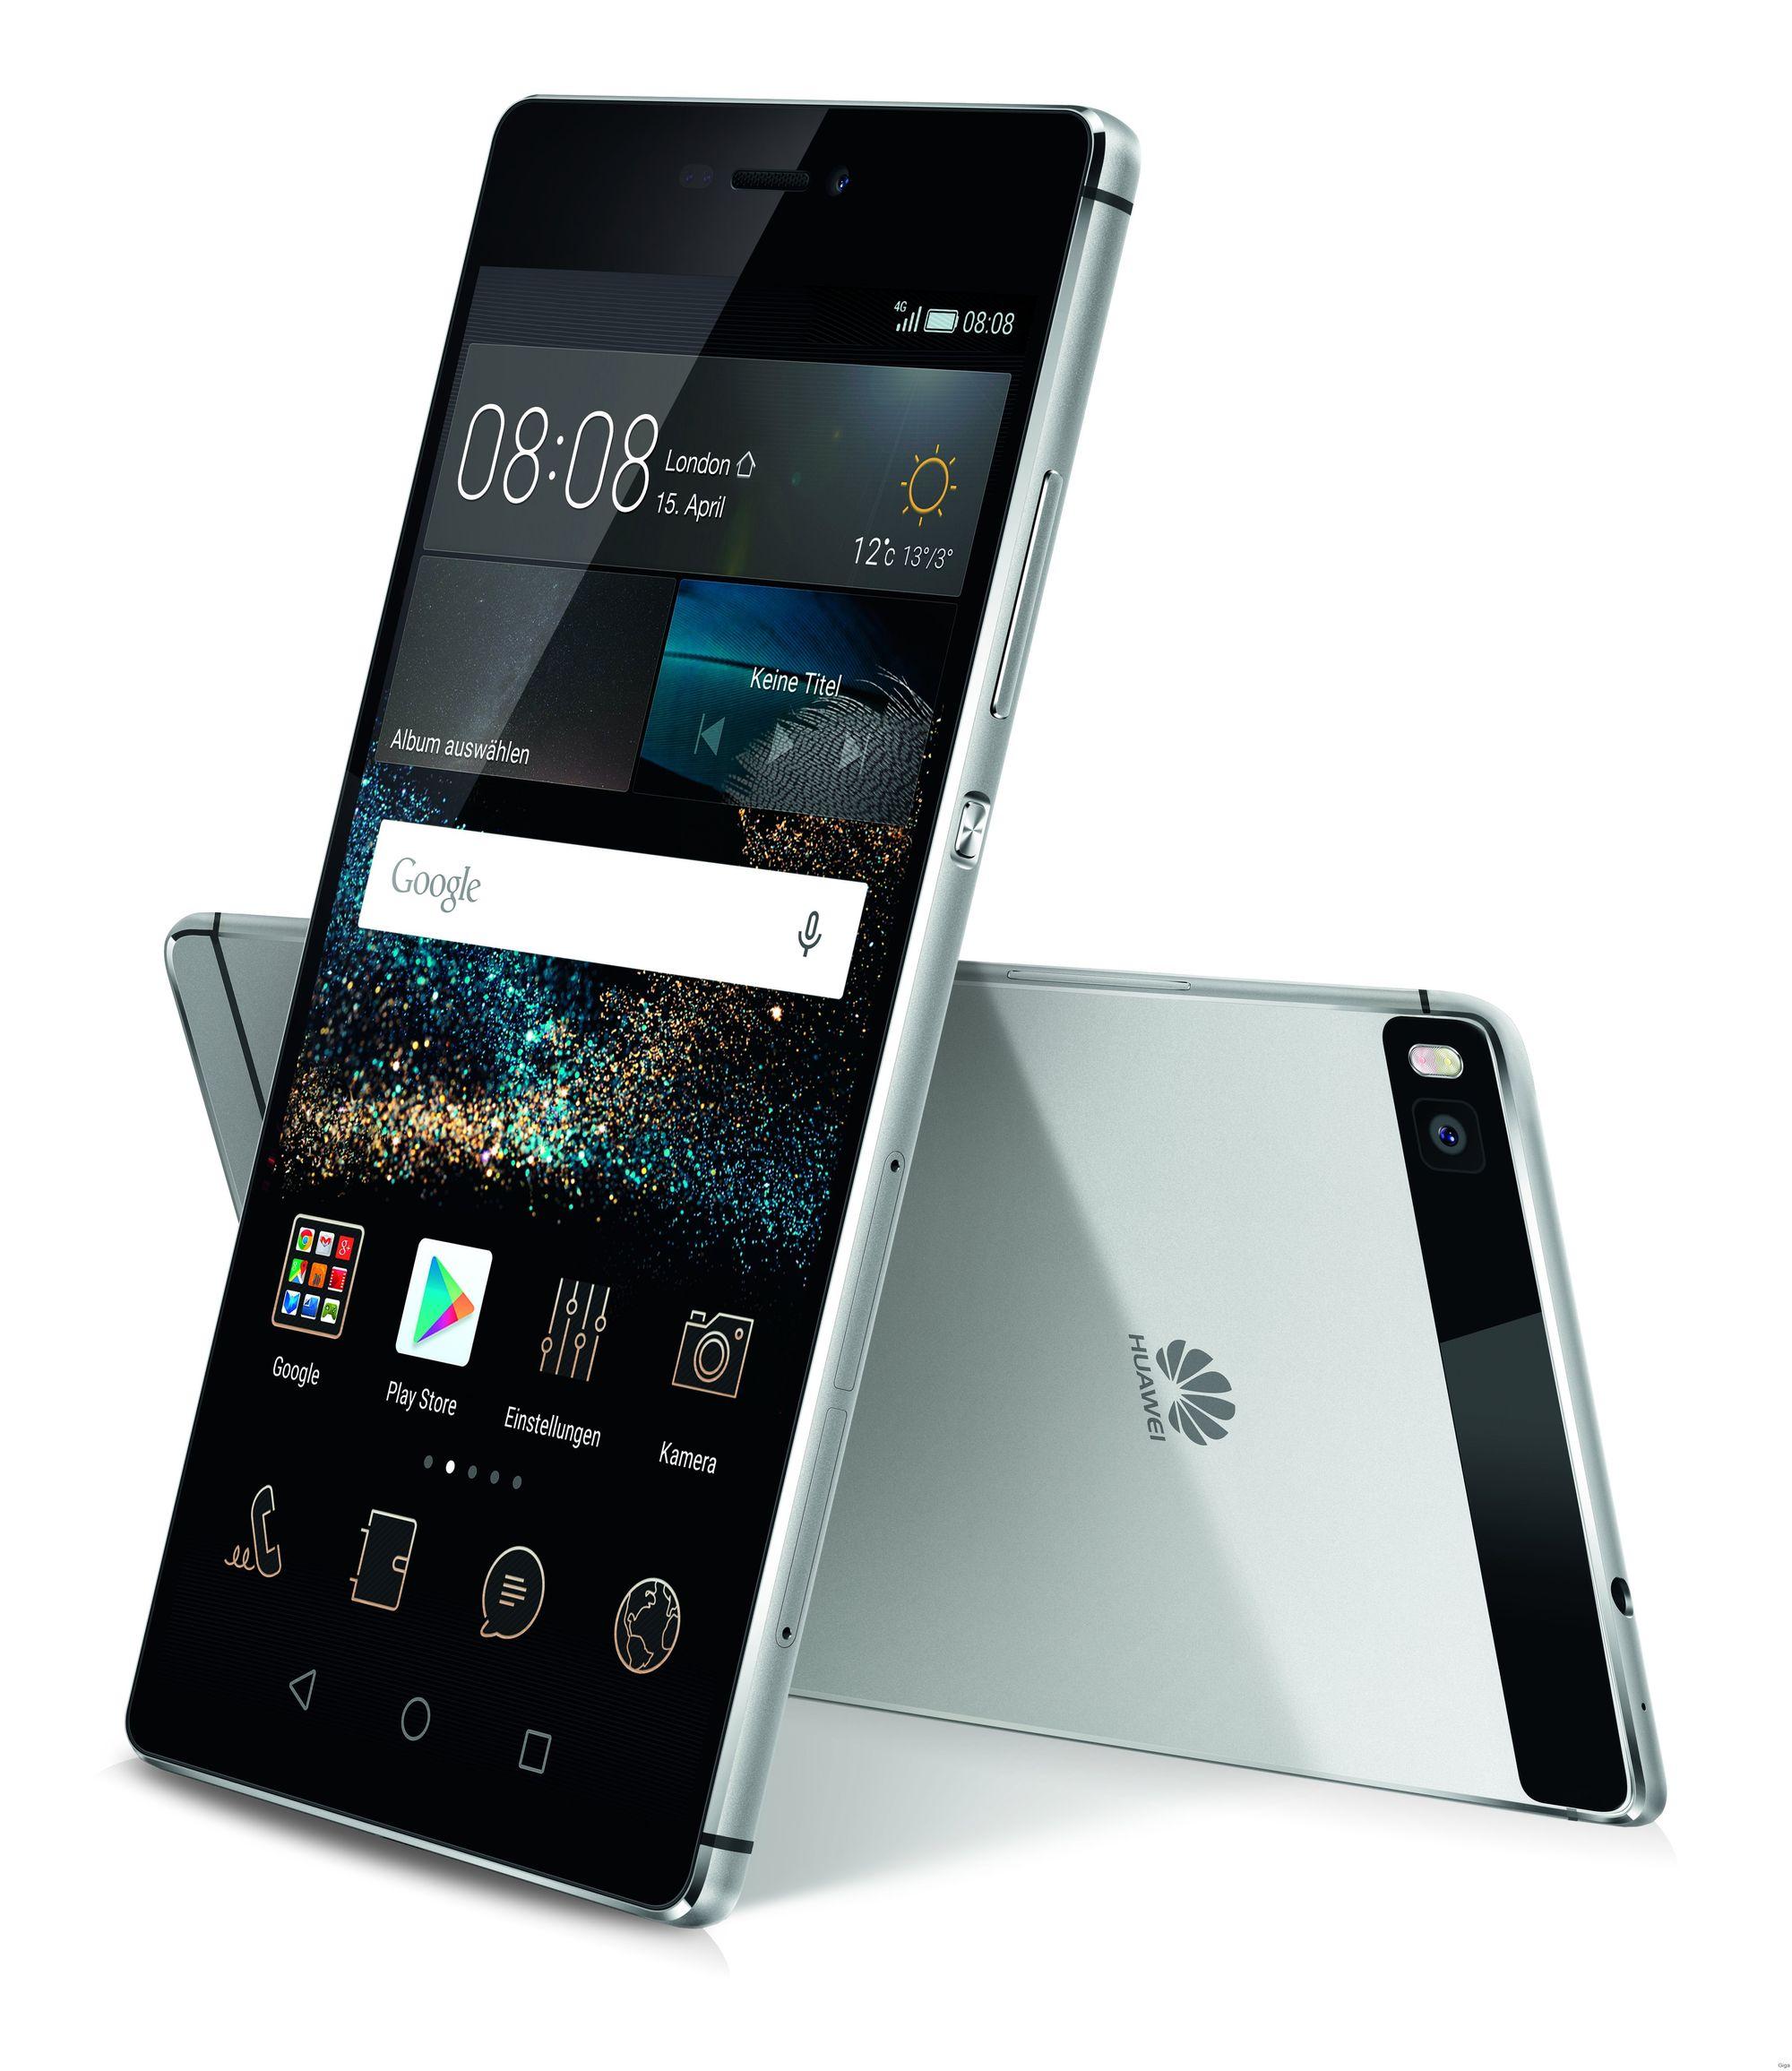 b435aa4008e FRA MIDTENS RIKE: Det er slutt på tiden der Made In China var et minus.  Huawei P8 er en smarttelefon av høy kvalitet.